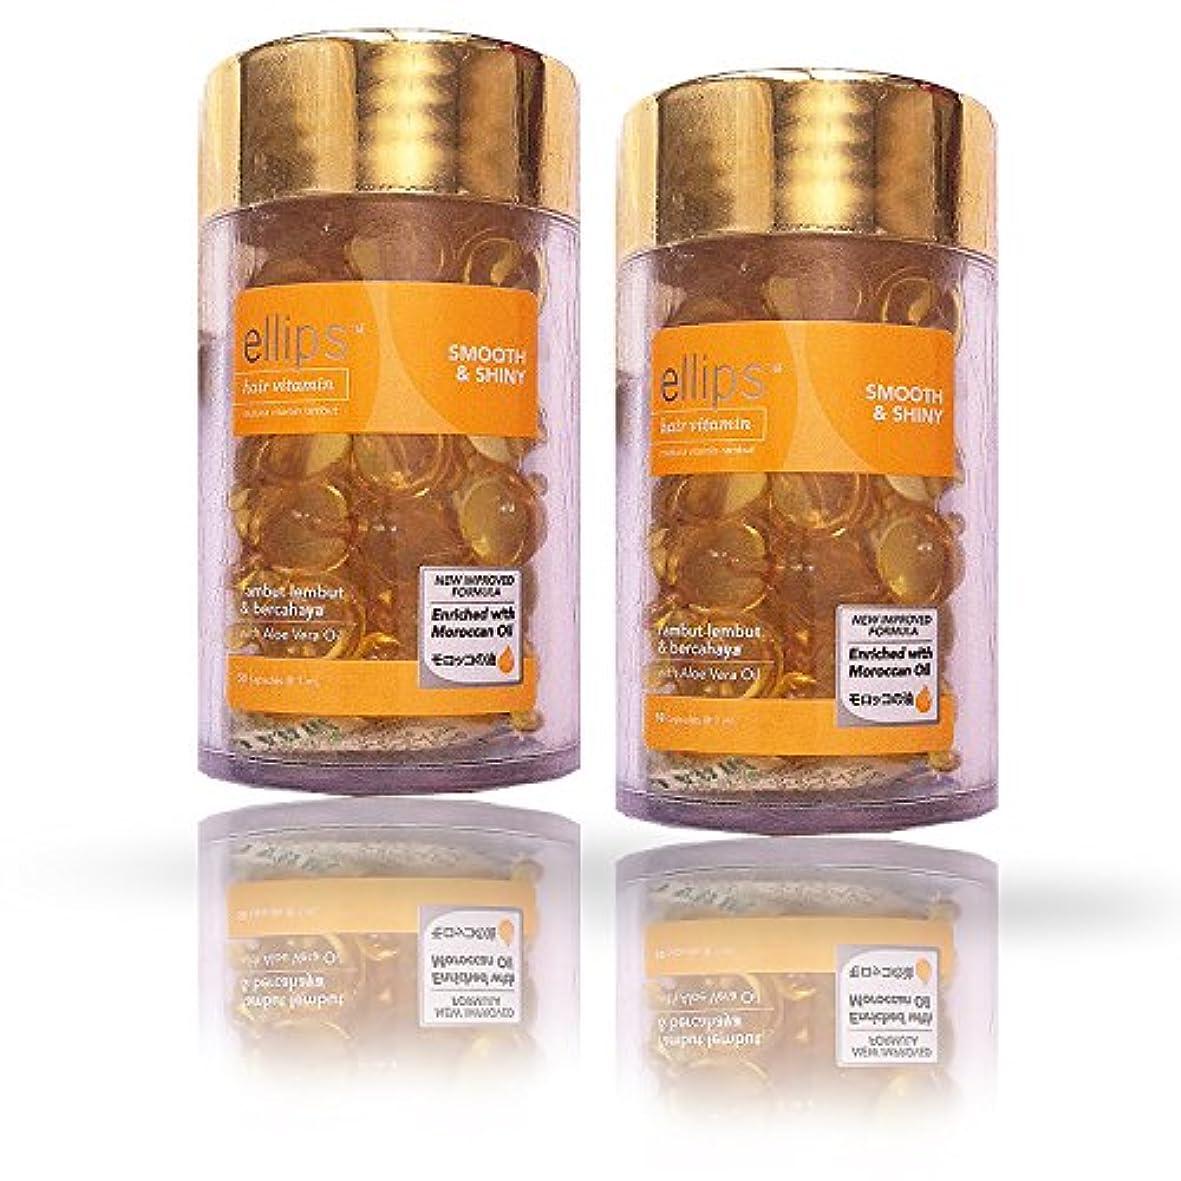 自信がある変な事故エリップス(ellips)スムース&シャイニー(フレッシュ トロピカル フルーツの香り) ボトル50粒×2個